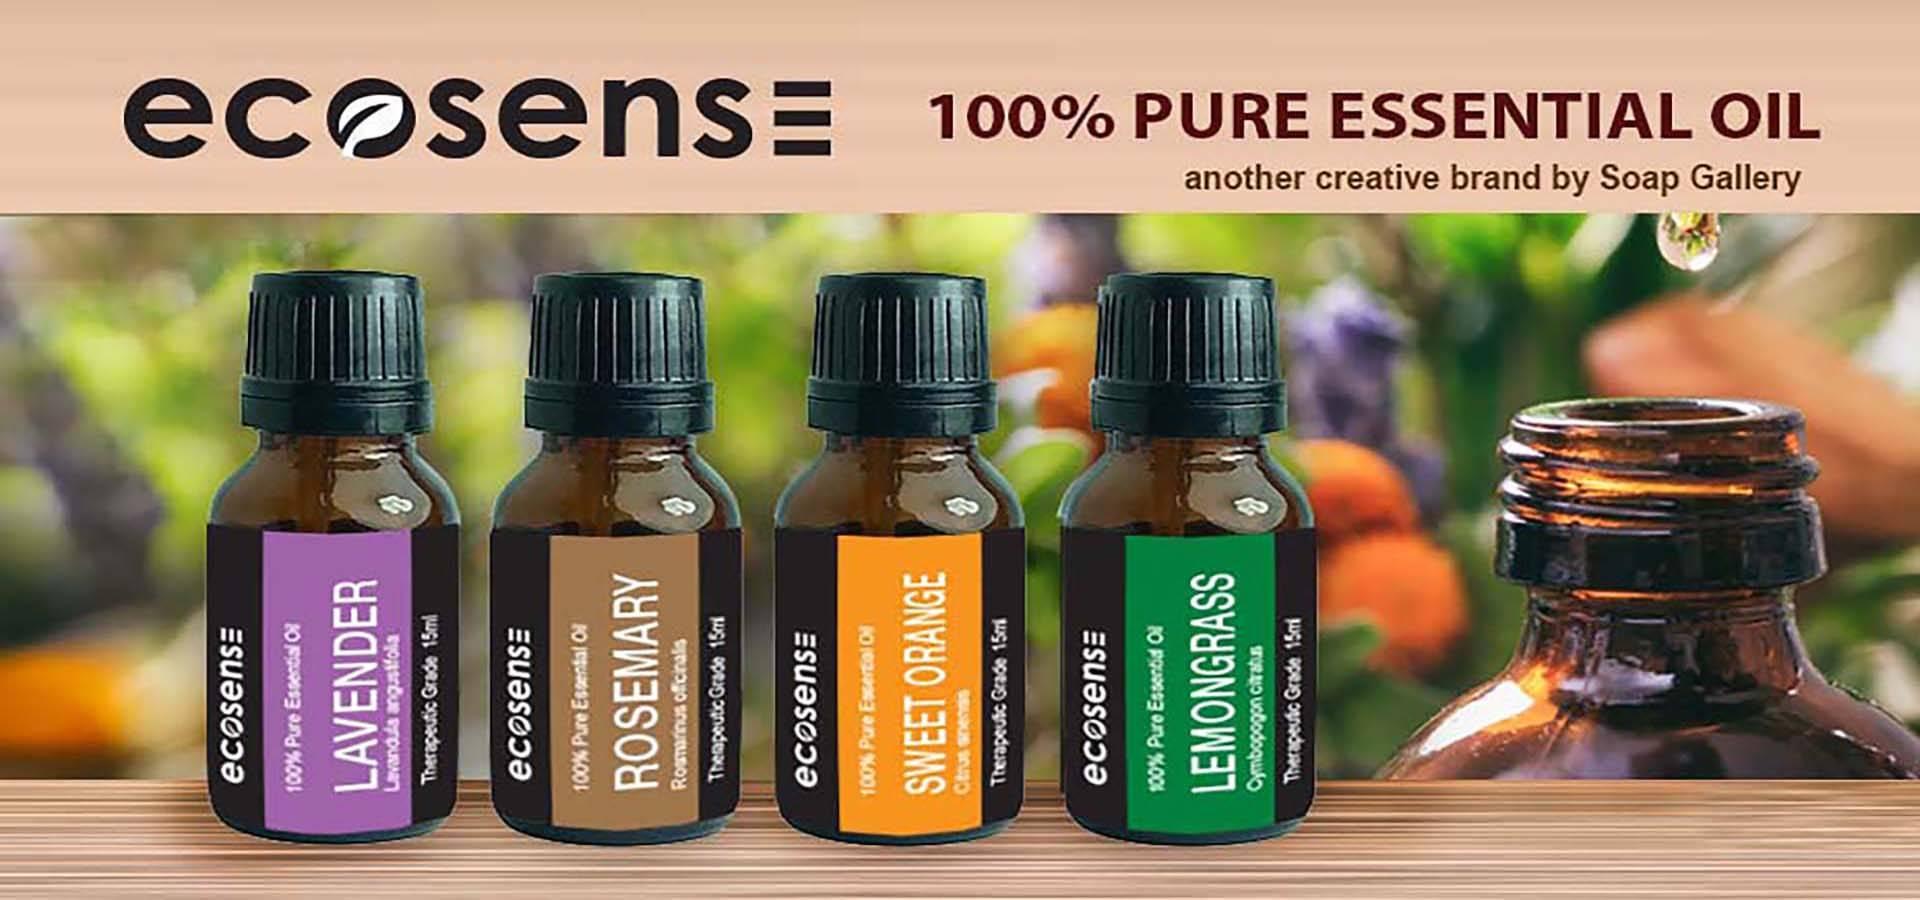 Ecosense Pure Essential Oil